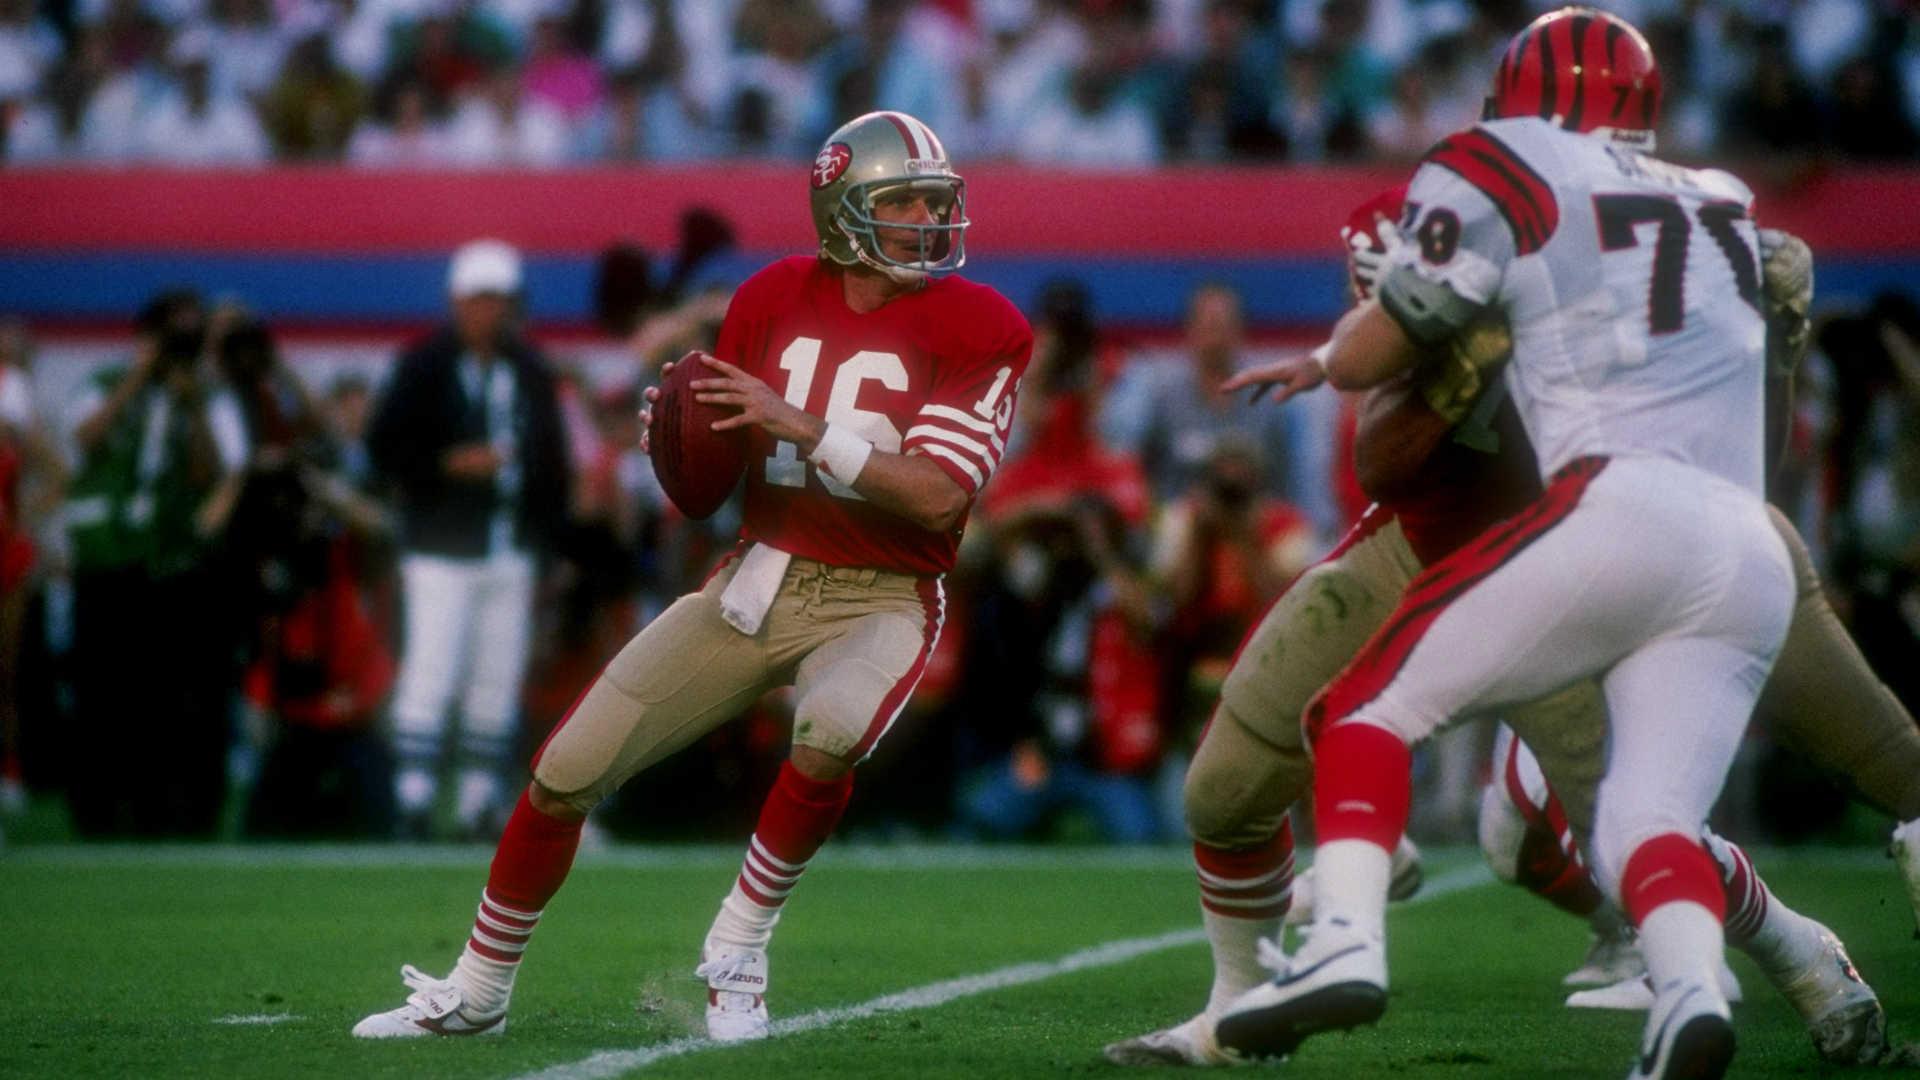 ¿Cuántos Super Bowls han ganado los 49ers? 2